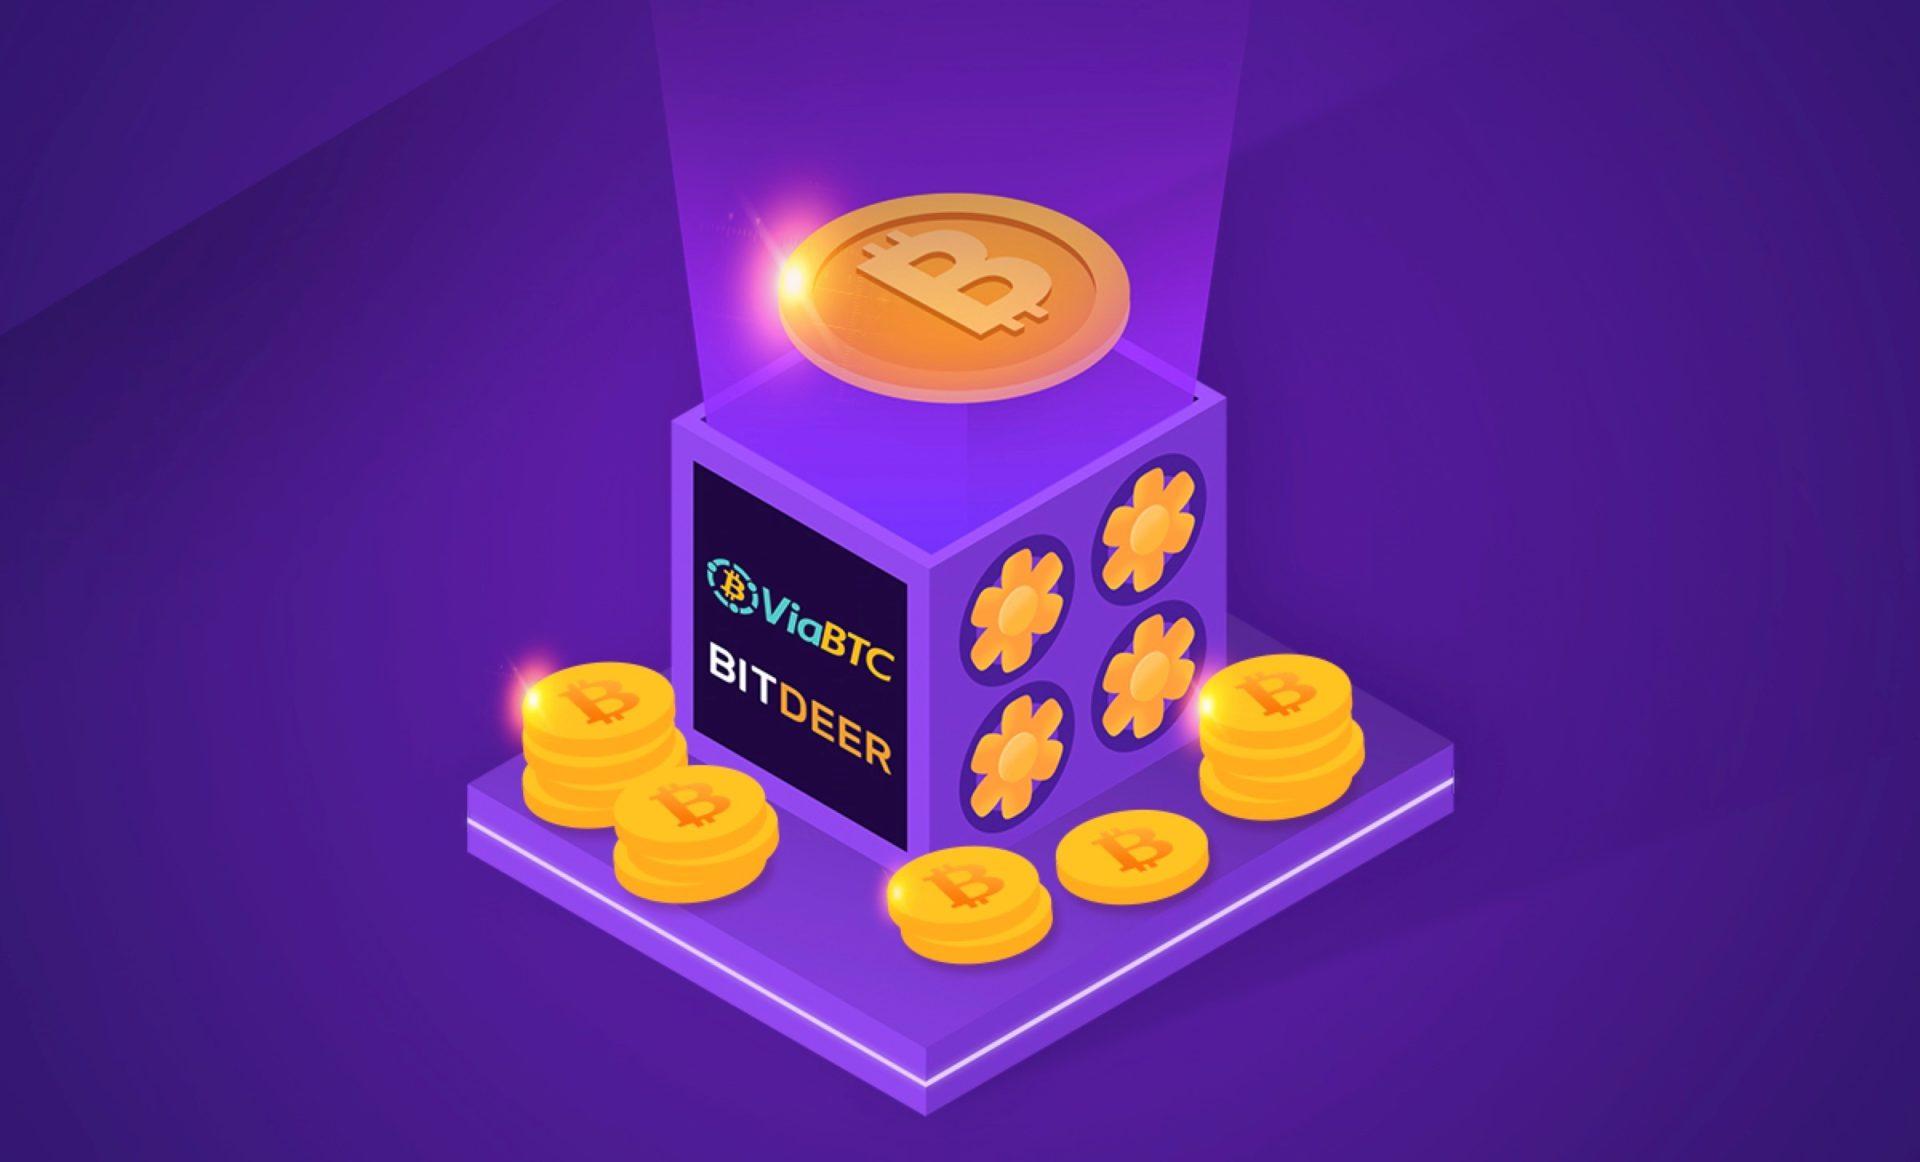 BitDeer.com Announces Strategic Partnership with ViaBTC